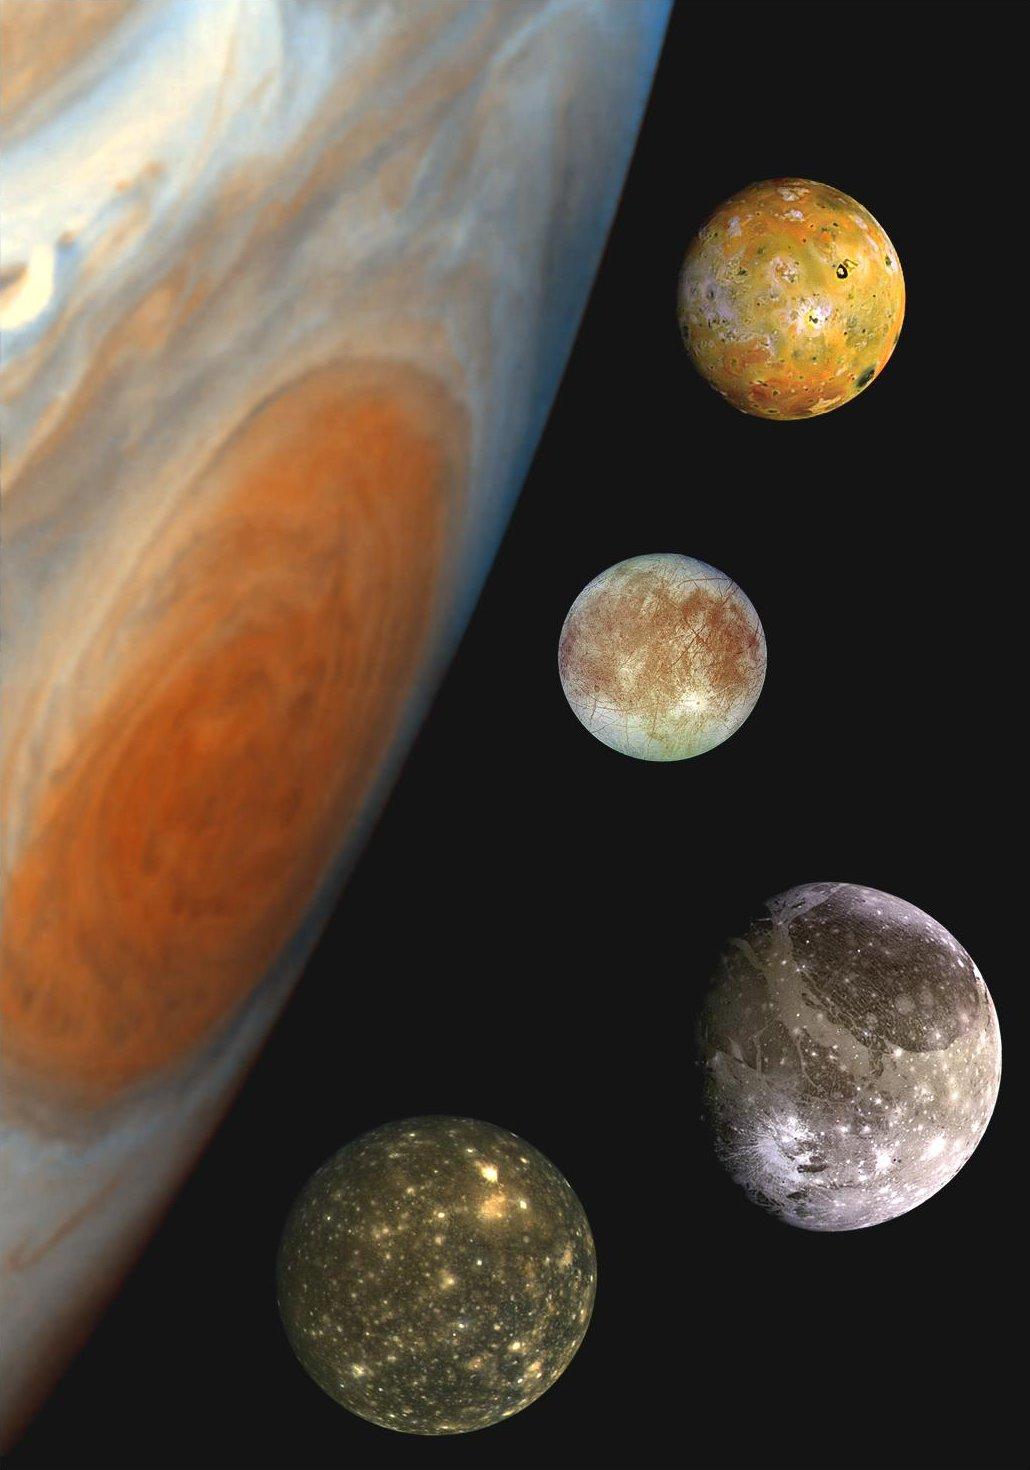 Galilei-holdak (felülről lefelé haladva): Io, Europa, Ganimédesz és a Callisto (a kép a holdak nagyságát illusztrálja)